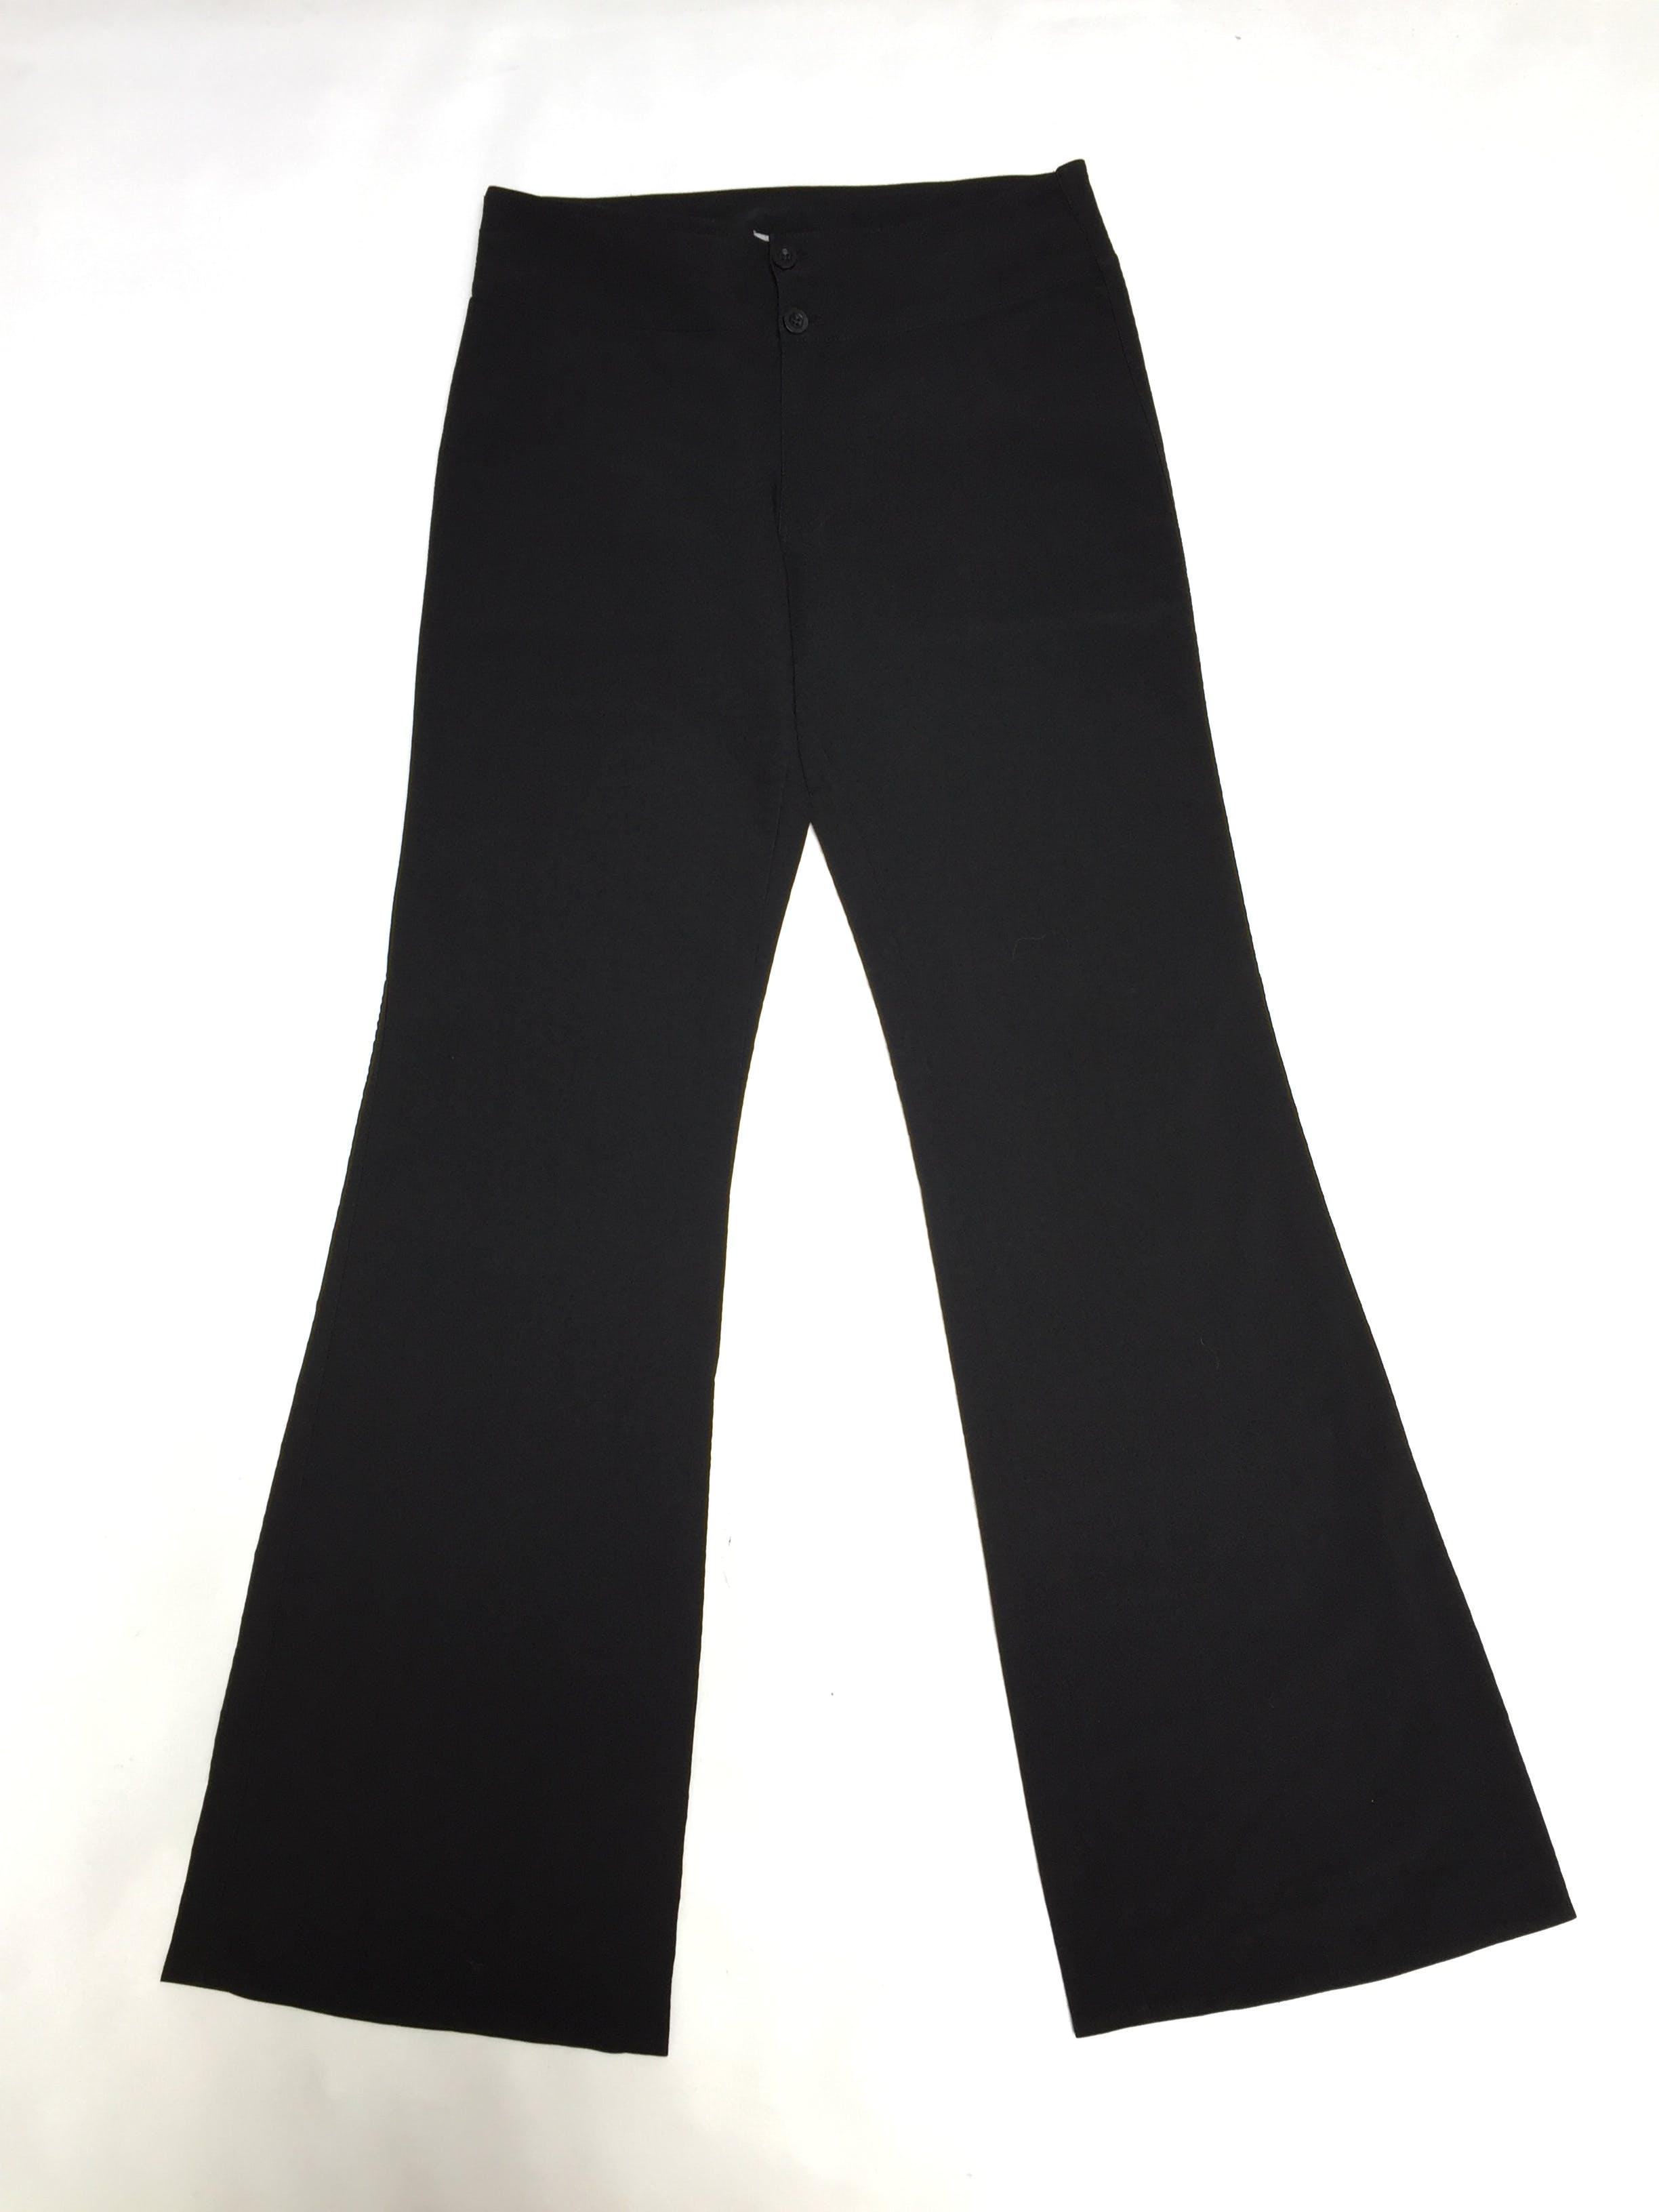 Pantalón negro de vestir con pretina ancha y botones, ligeramente acampanado y un bolsillo secreto. Un básico! Pretina 76cm Talla 28